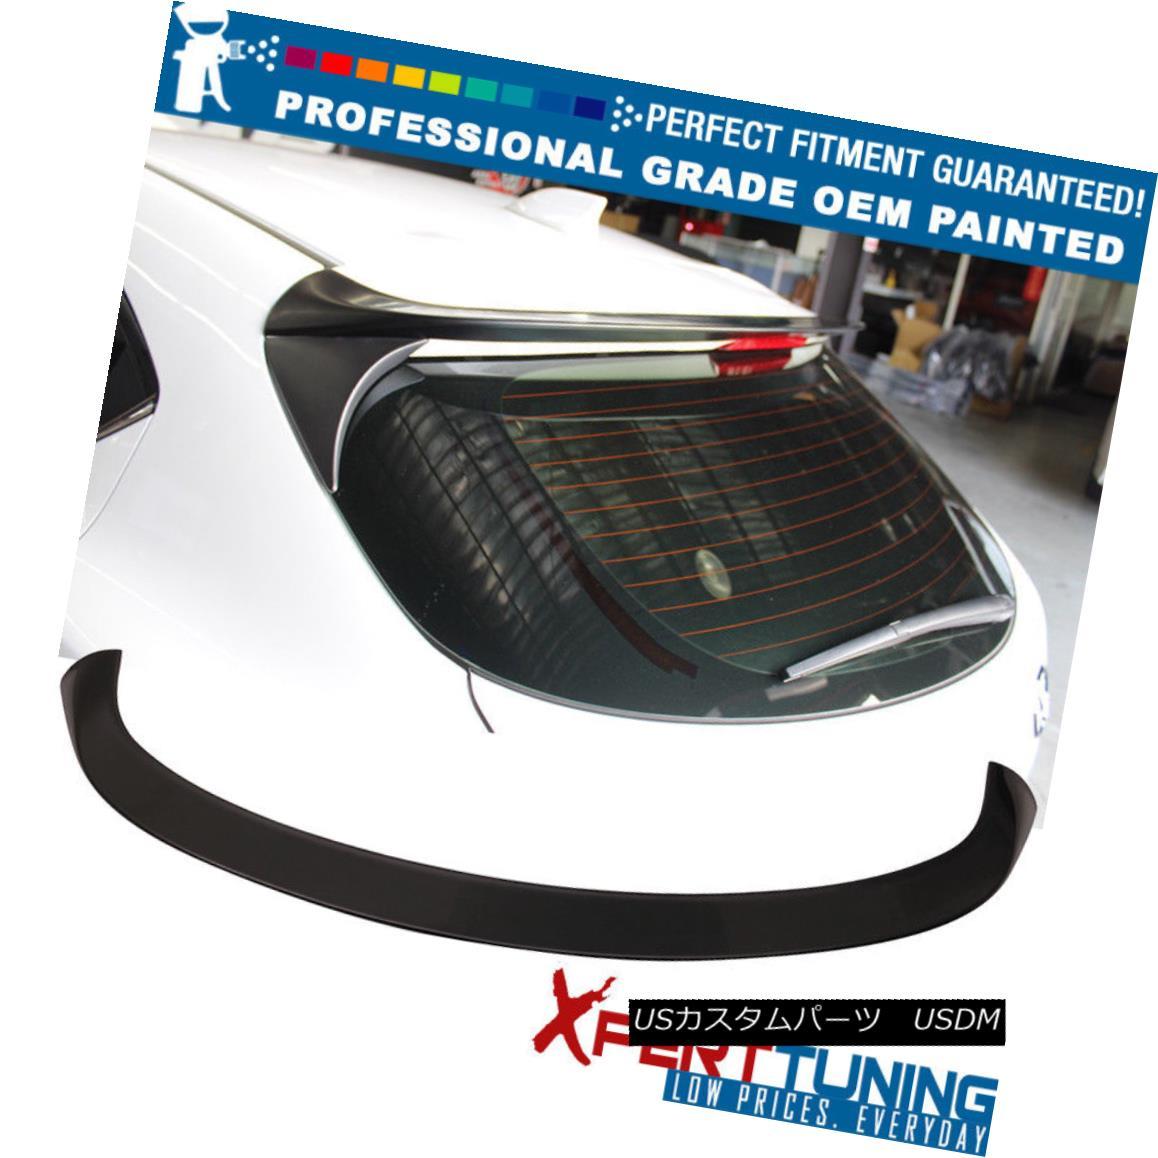 エアロパーツ Fits 14-17 Mazda 3 Hatchback V Style Rear Roof Spoiler Wing - OEM Painted Color フィット14-17マツダ3ハッチバックVスタイルのリアルーフスポイラーウイング - OEM塗装カラー